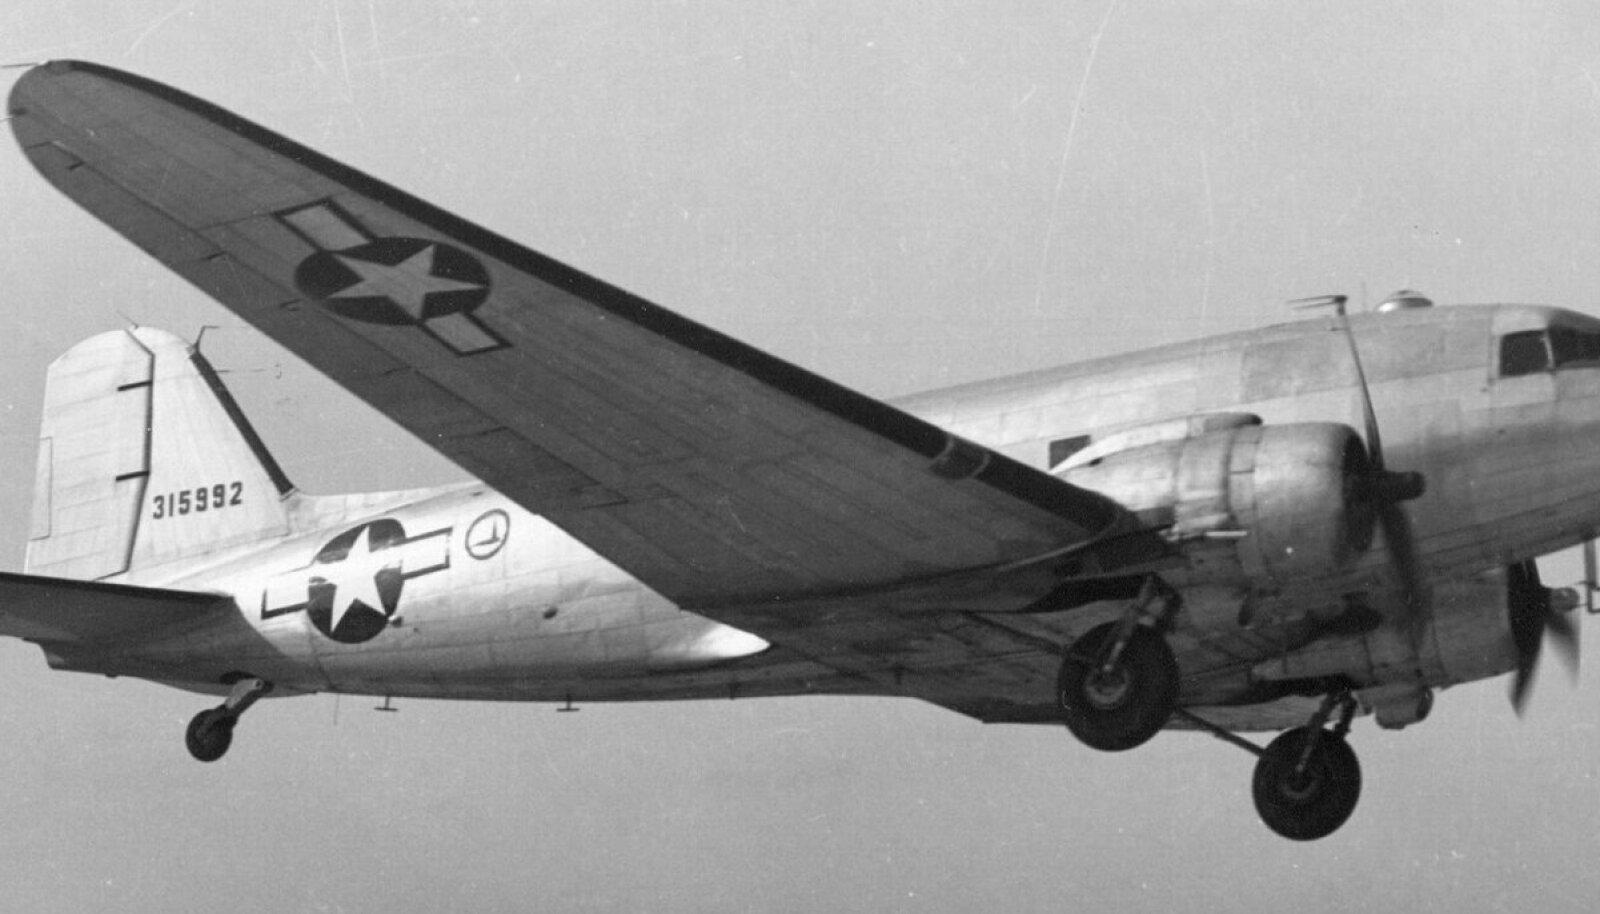 Douglas C-47 Skytrain lennukeid kasutati langevarjurite kohale toimetamisel.